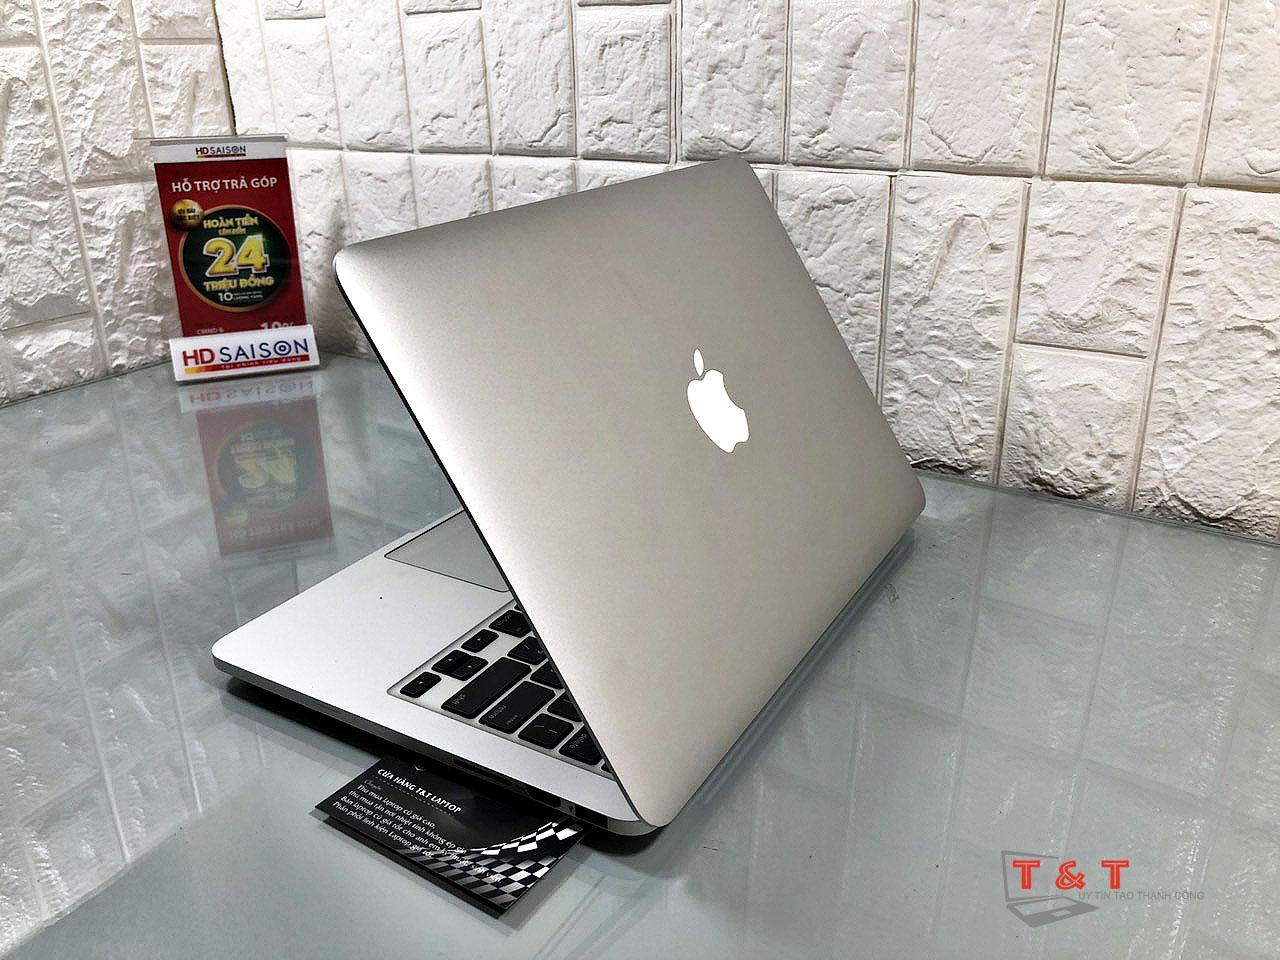 macbook-pro-13-inch-2013-me864